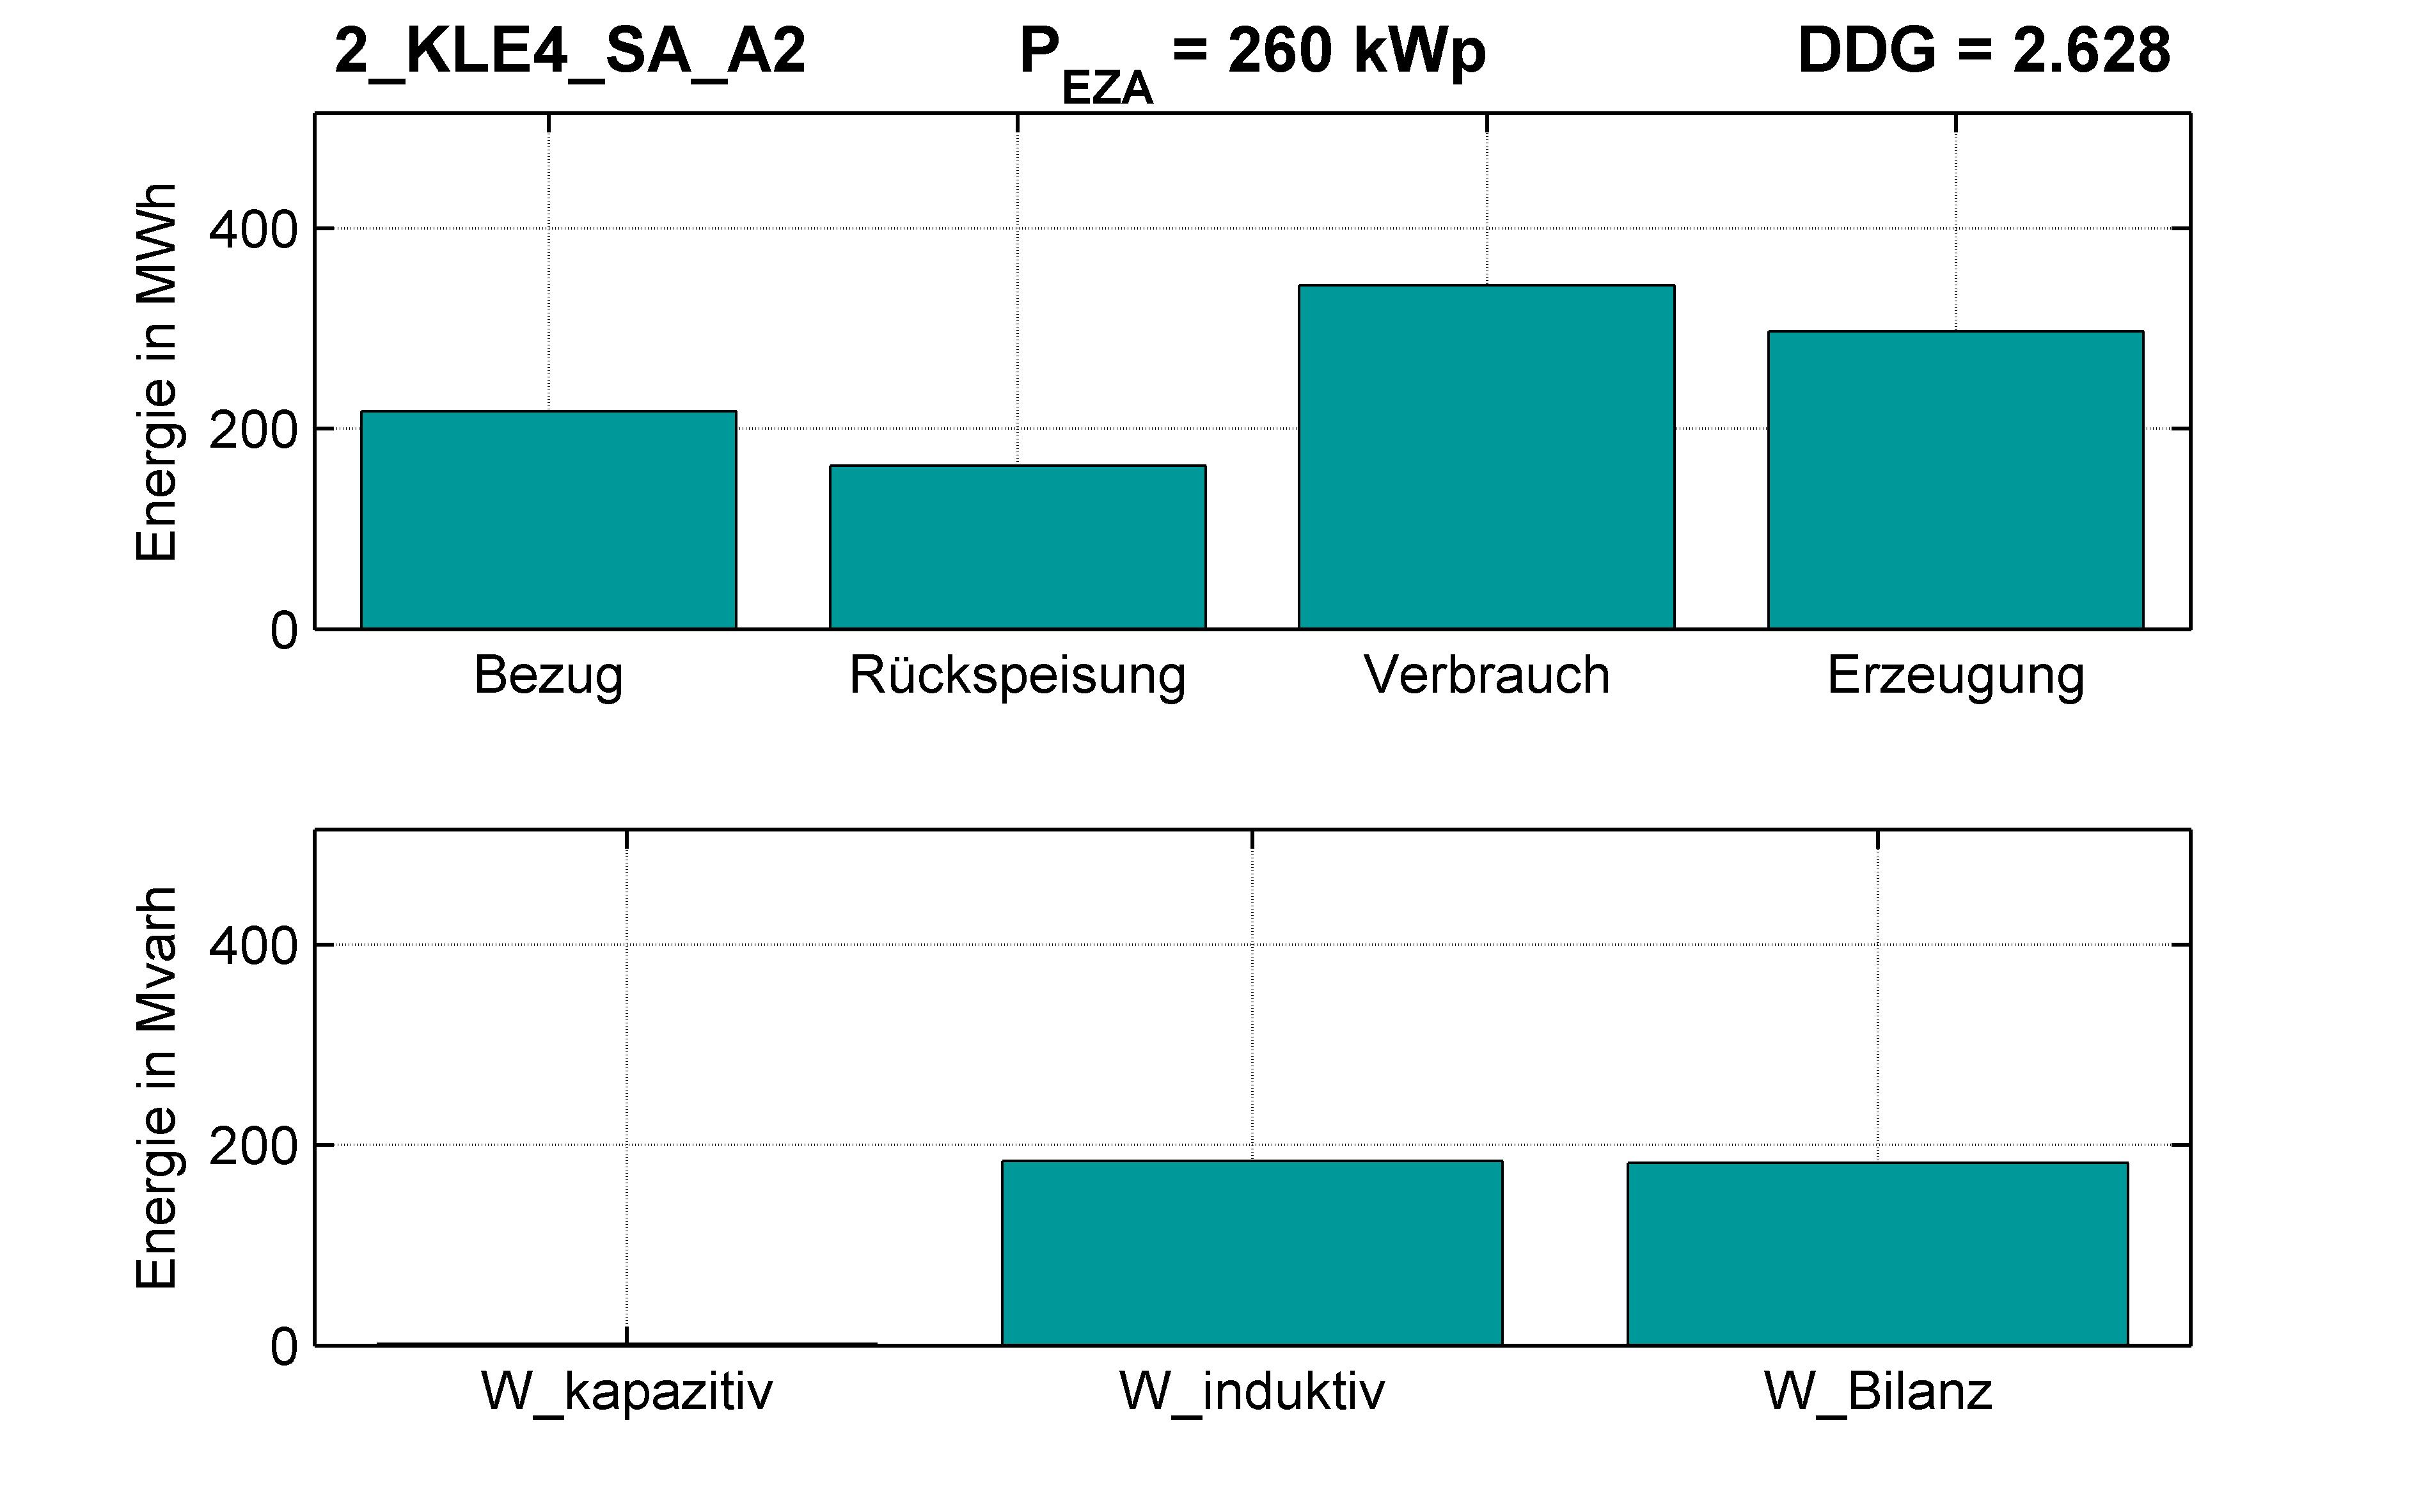 KLE4 | P-Kappung 85% (SA) A2 | PQ-Bilanz